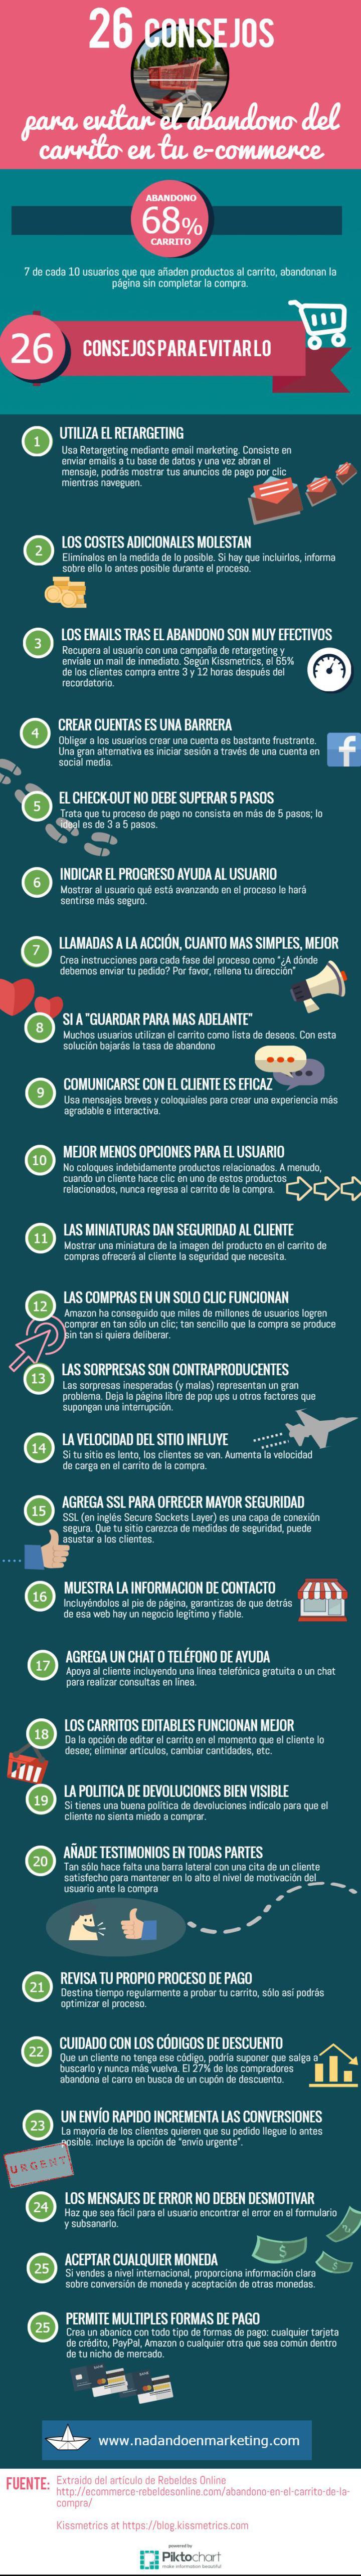 26 consejos para evitar el abandono del carro de compra #infografia infographic #ecommerce